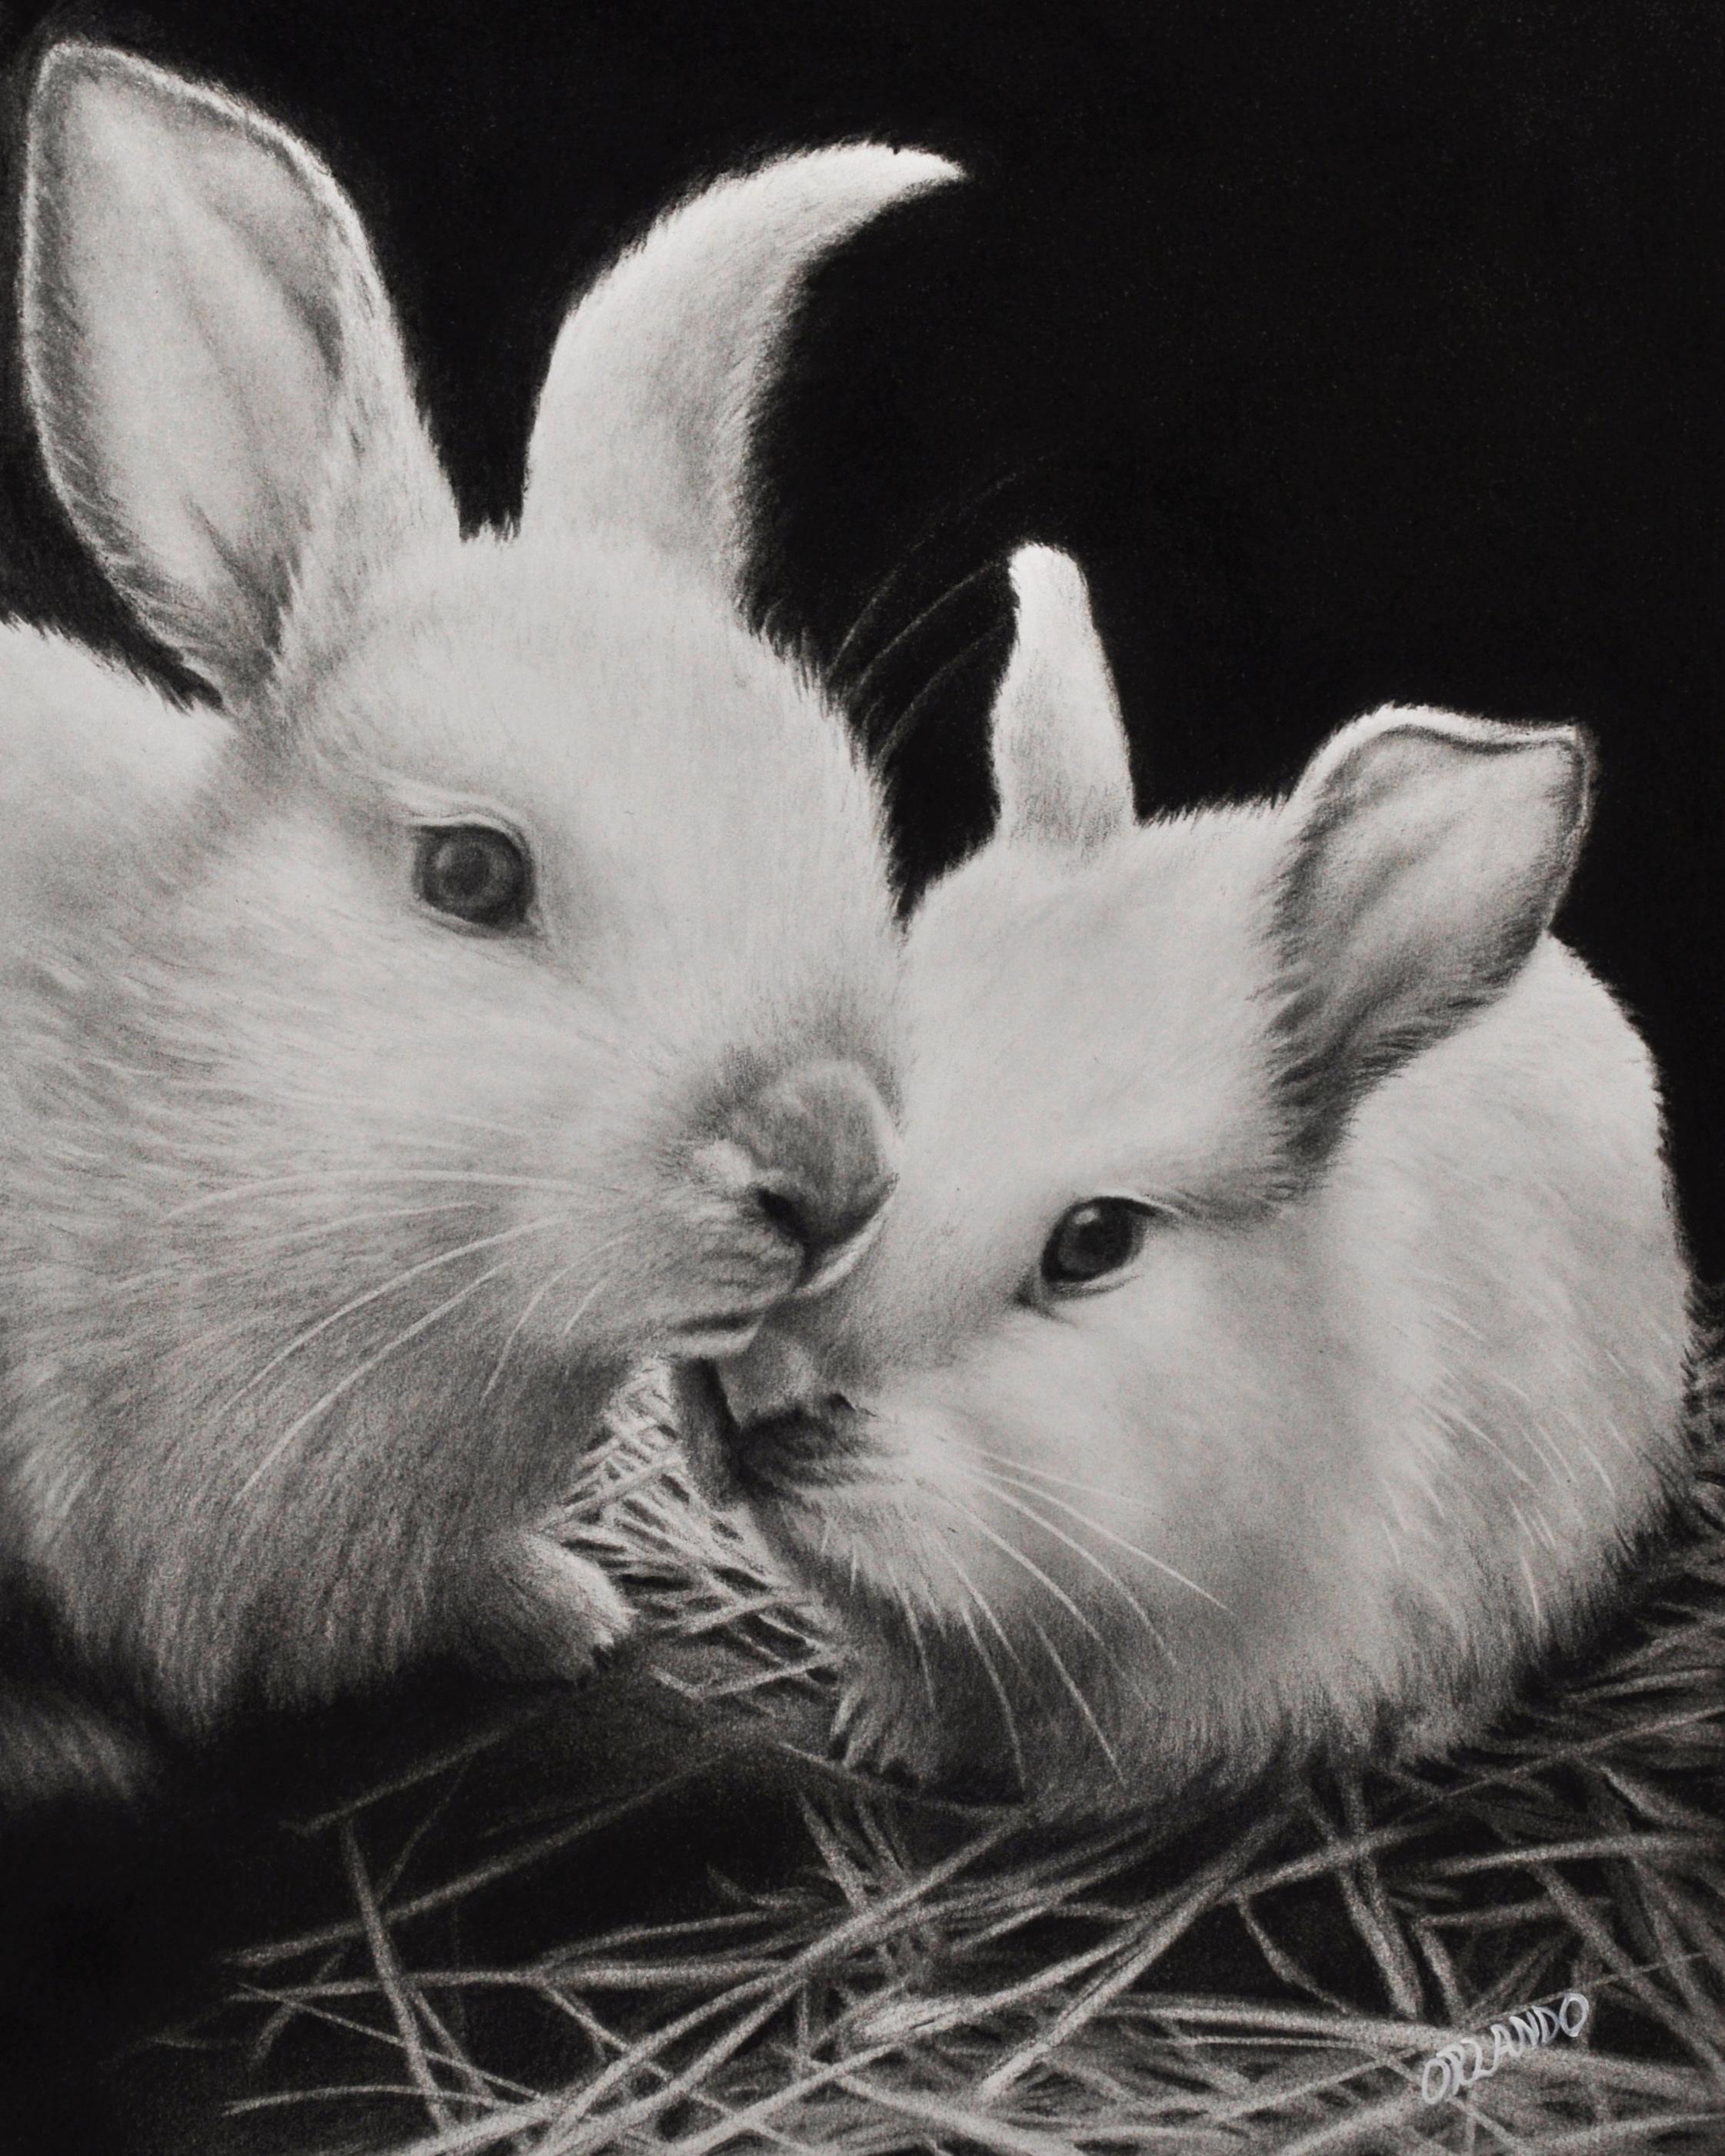 Crystal Orlando #art #hyperrealisticdrawing #realisticdrawing #pencildrawing #animalart #Texasastist #baby bunnies.jpg